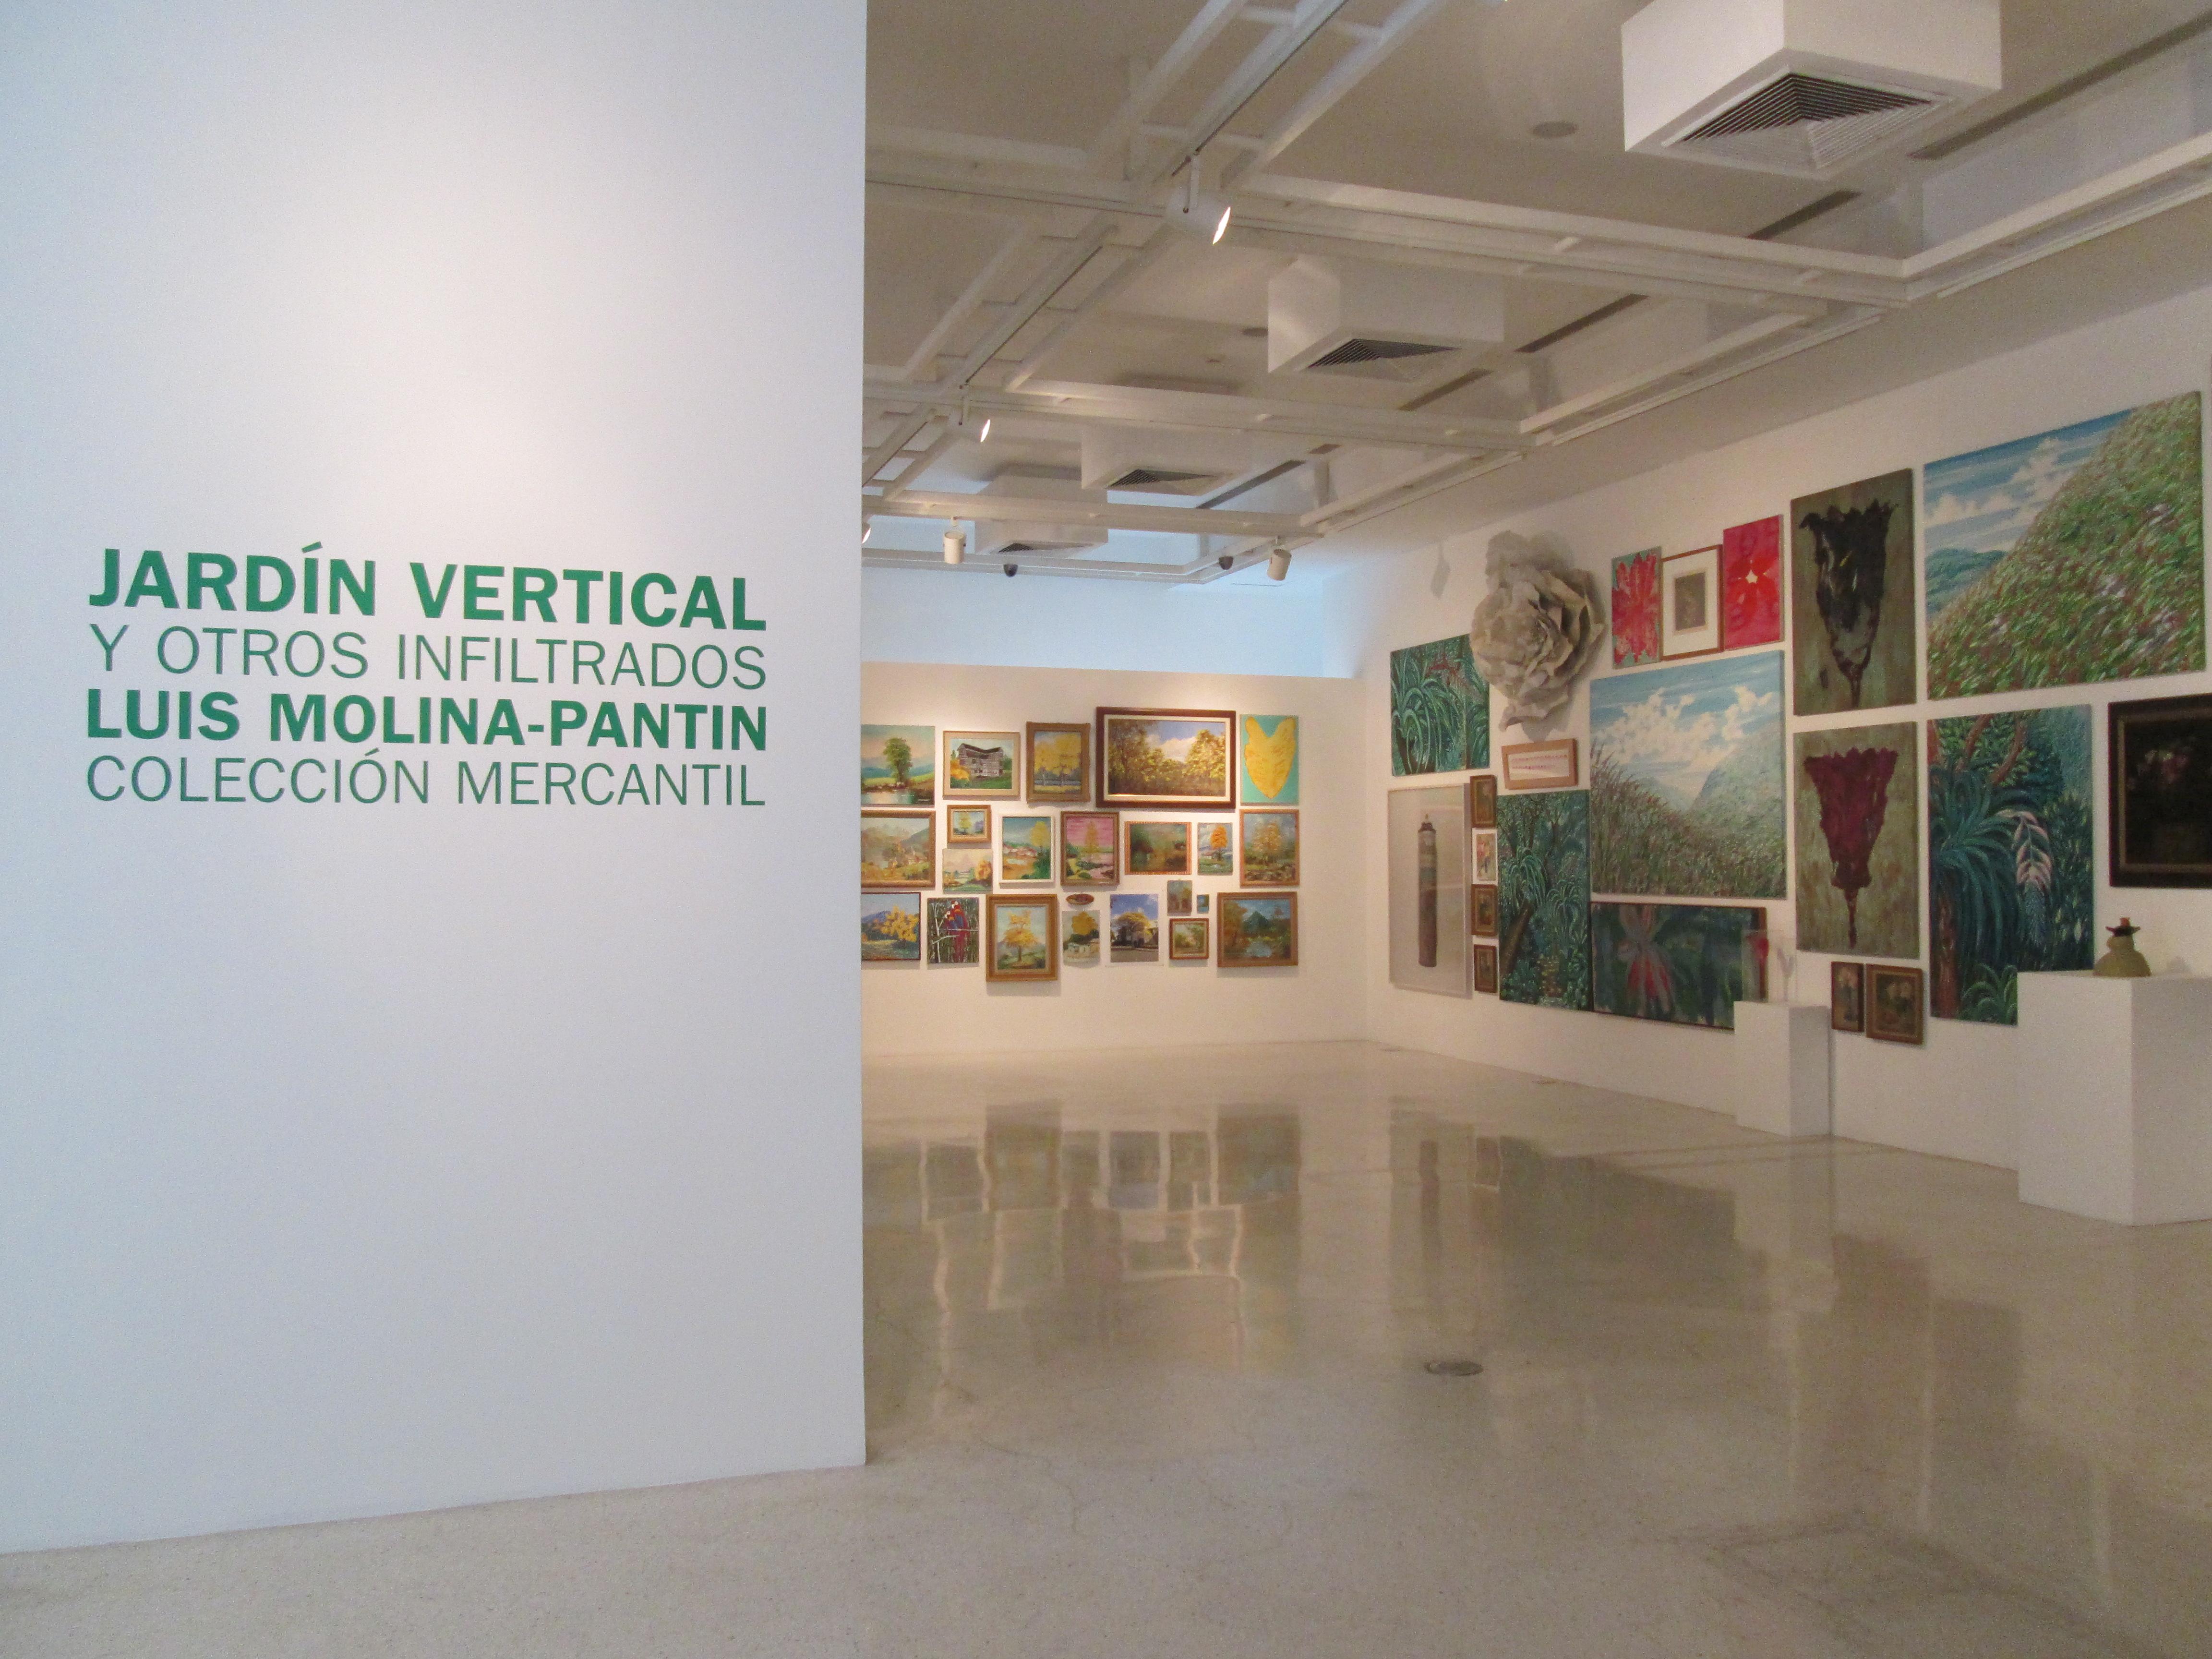 expo-jardin-vertical-y-otros-infiltrados-luis-molina-pantin-005